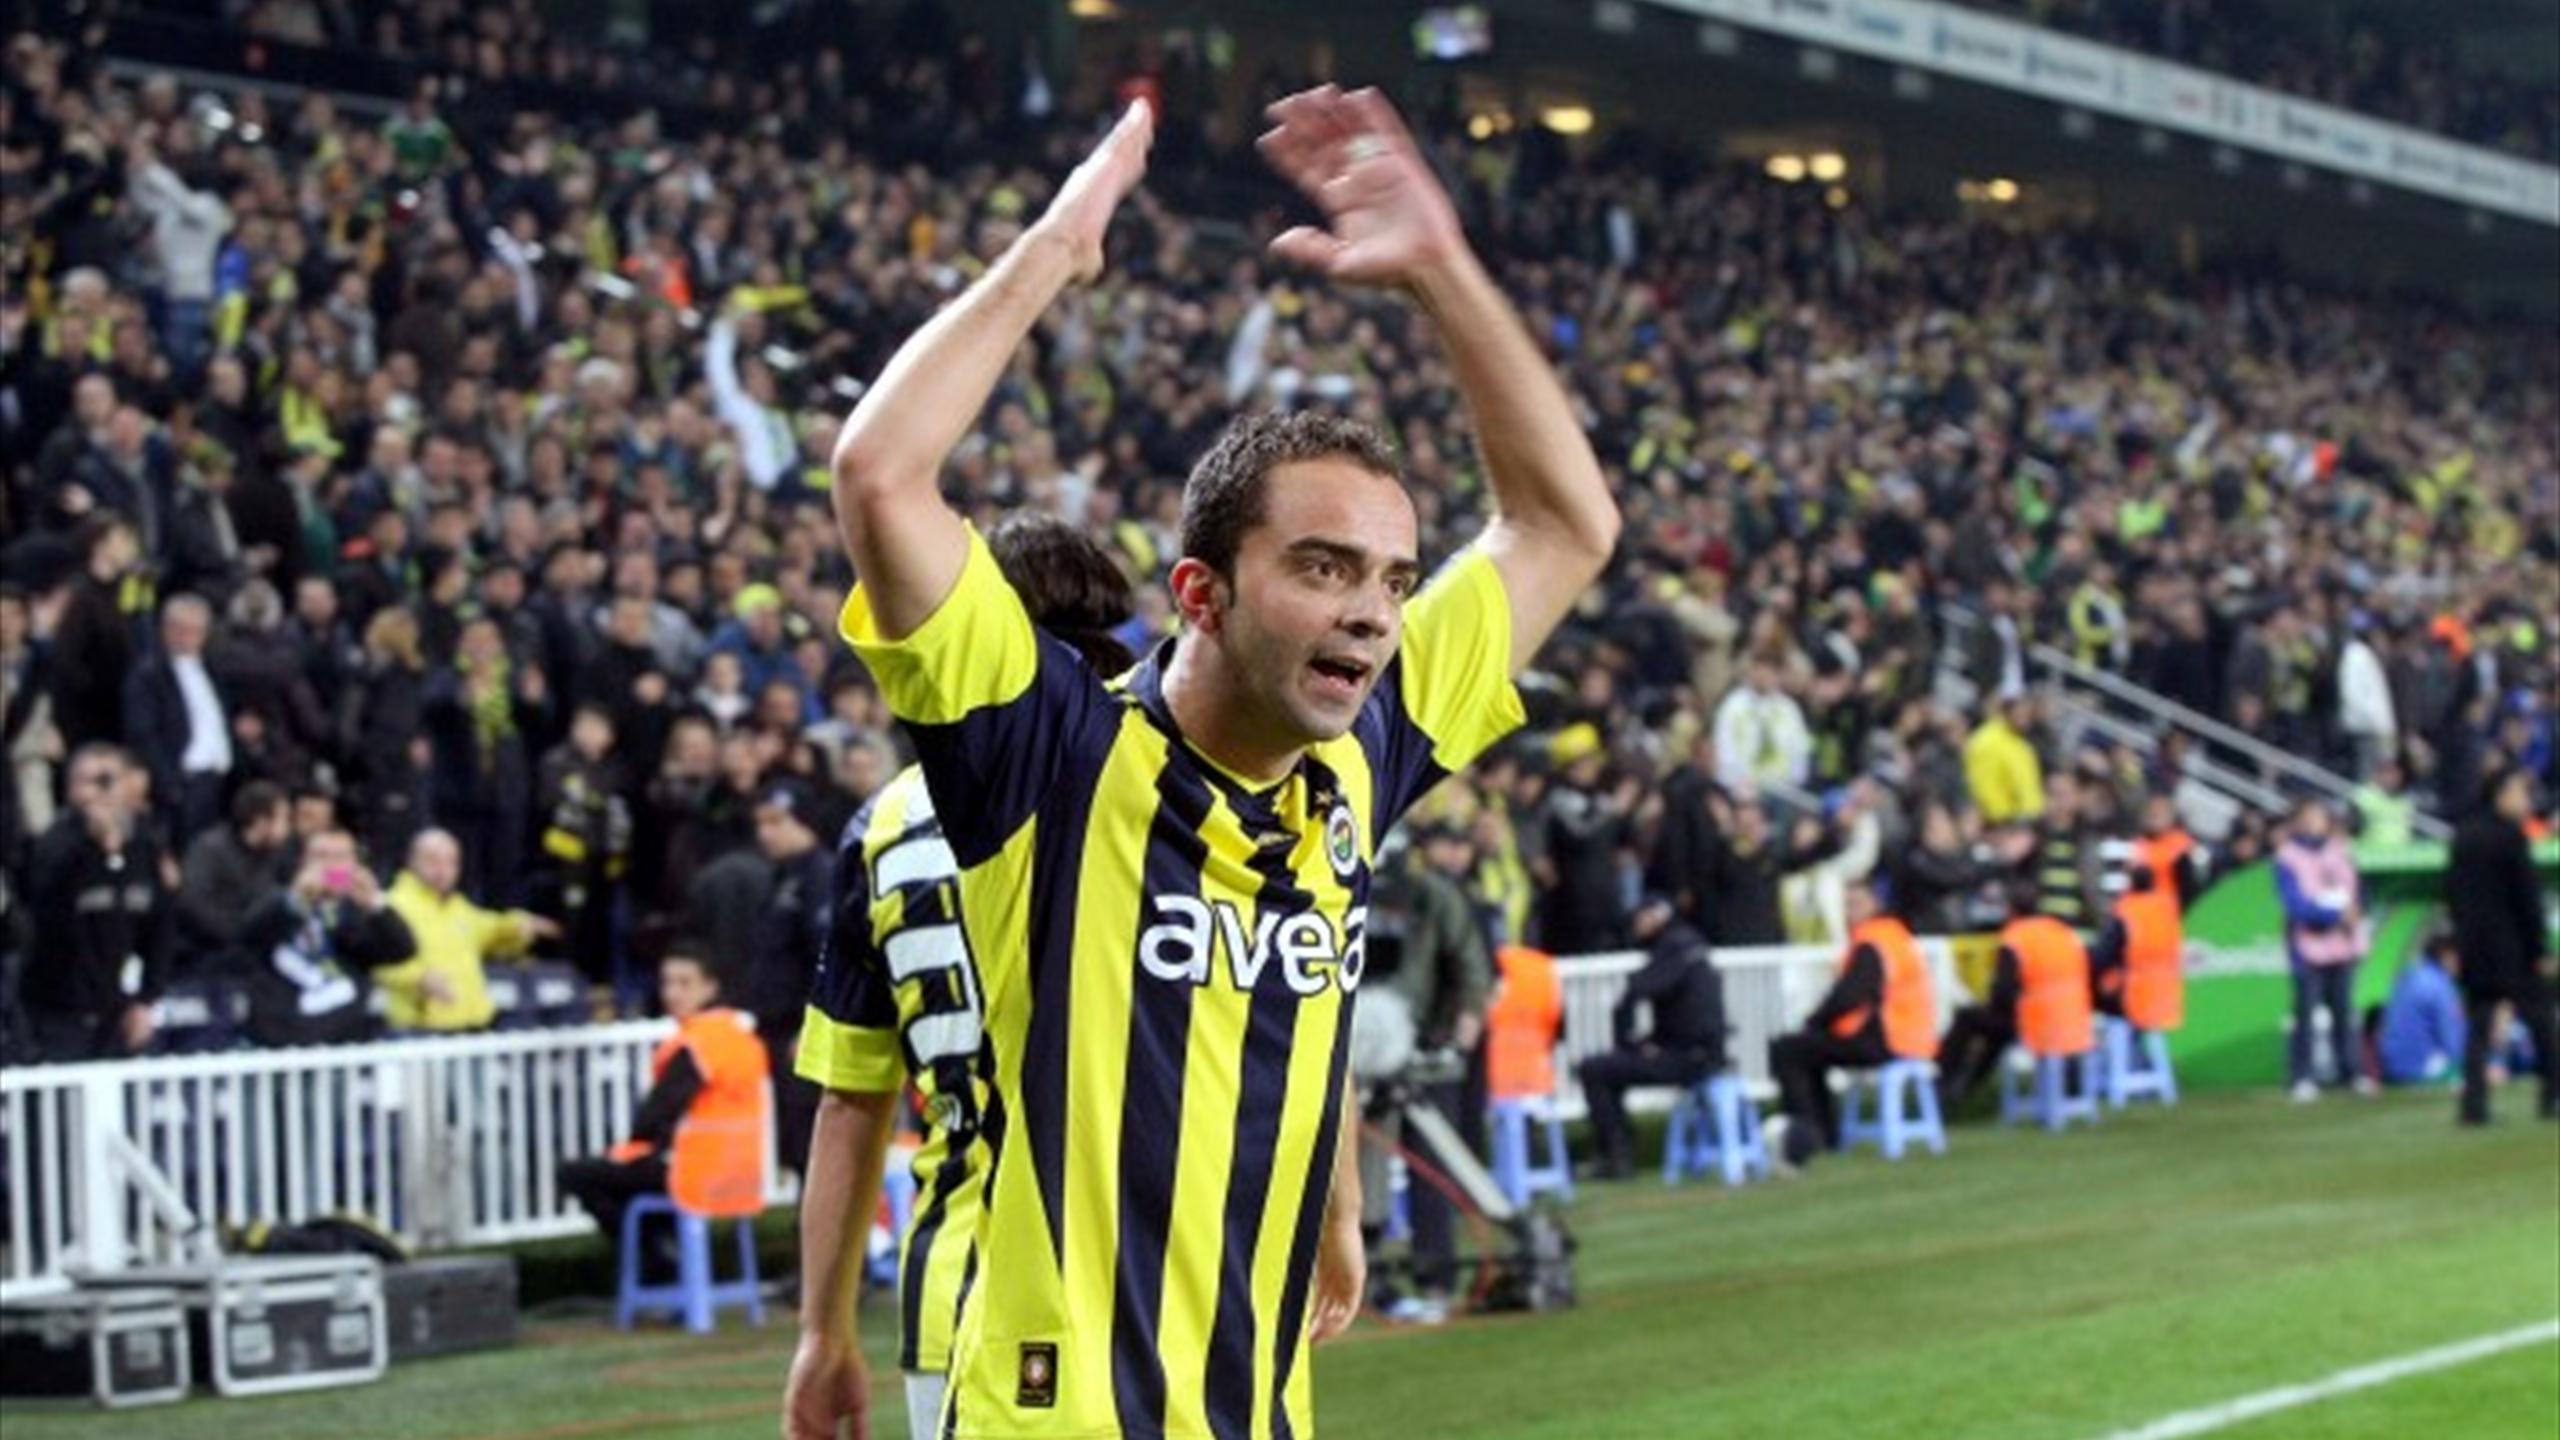 Fenerbahçe'in Kadıköy'de Galatasaray'a Yenilmediği 19 lig maçı 11